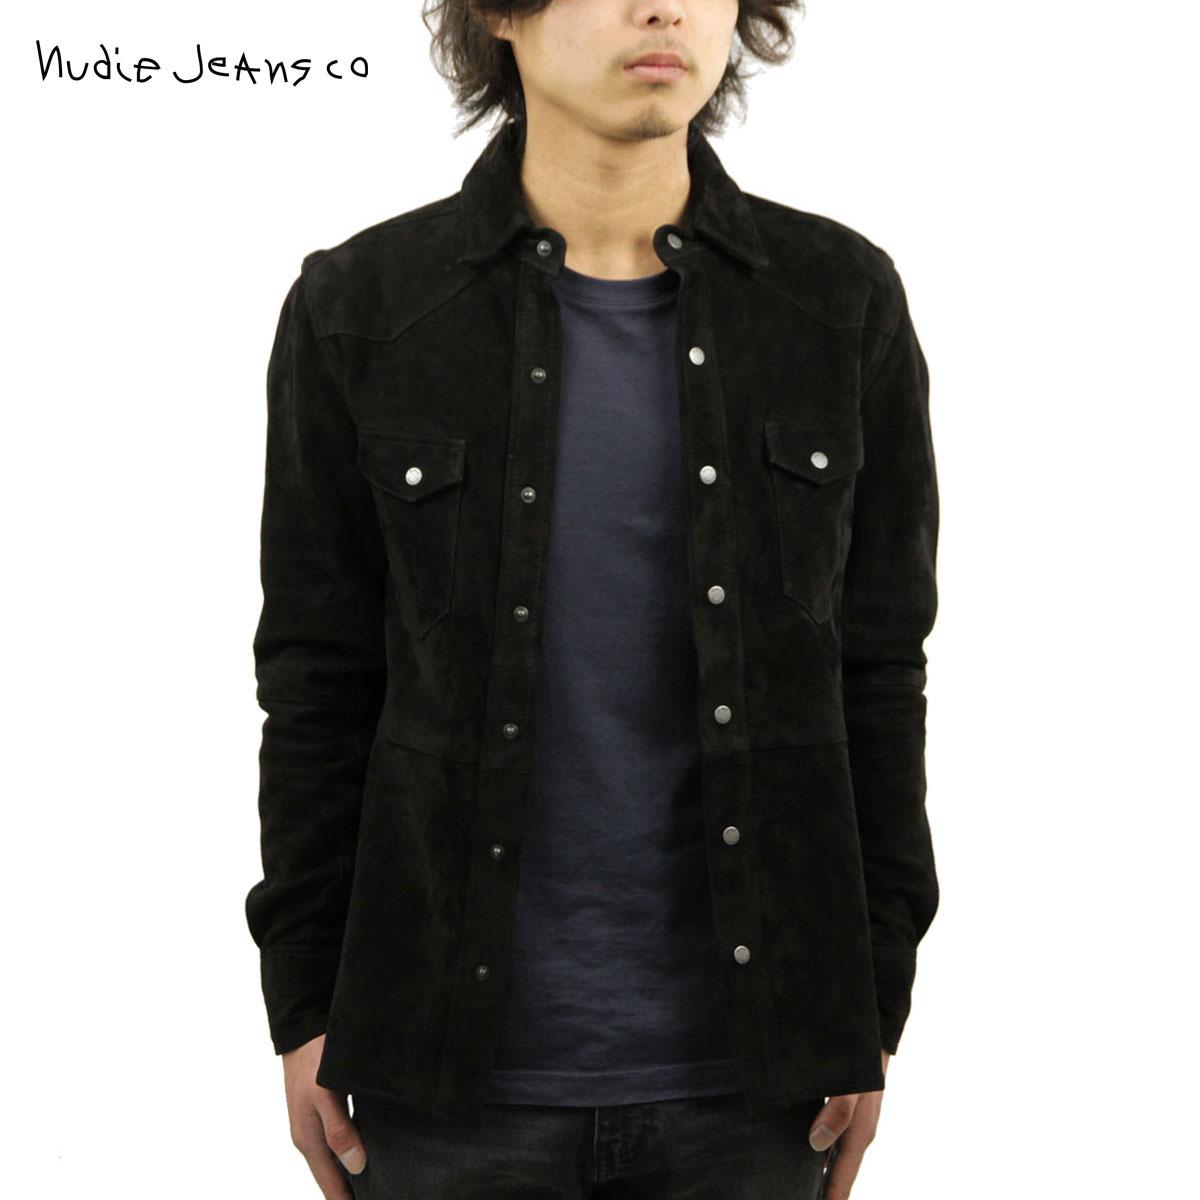 ヌーディージーンズ Nudie Jeans 正規販売店 メンズ 長袖シャツ Jonis Suede Shirt Black B01 140300 3027 D15S25